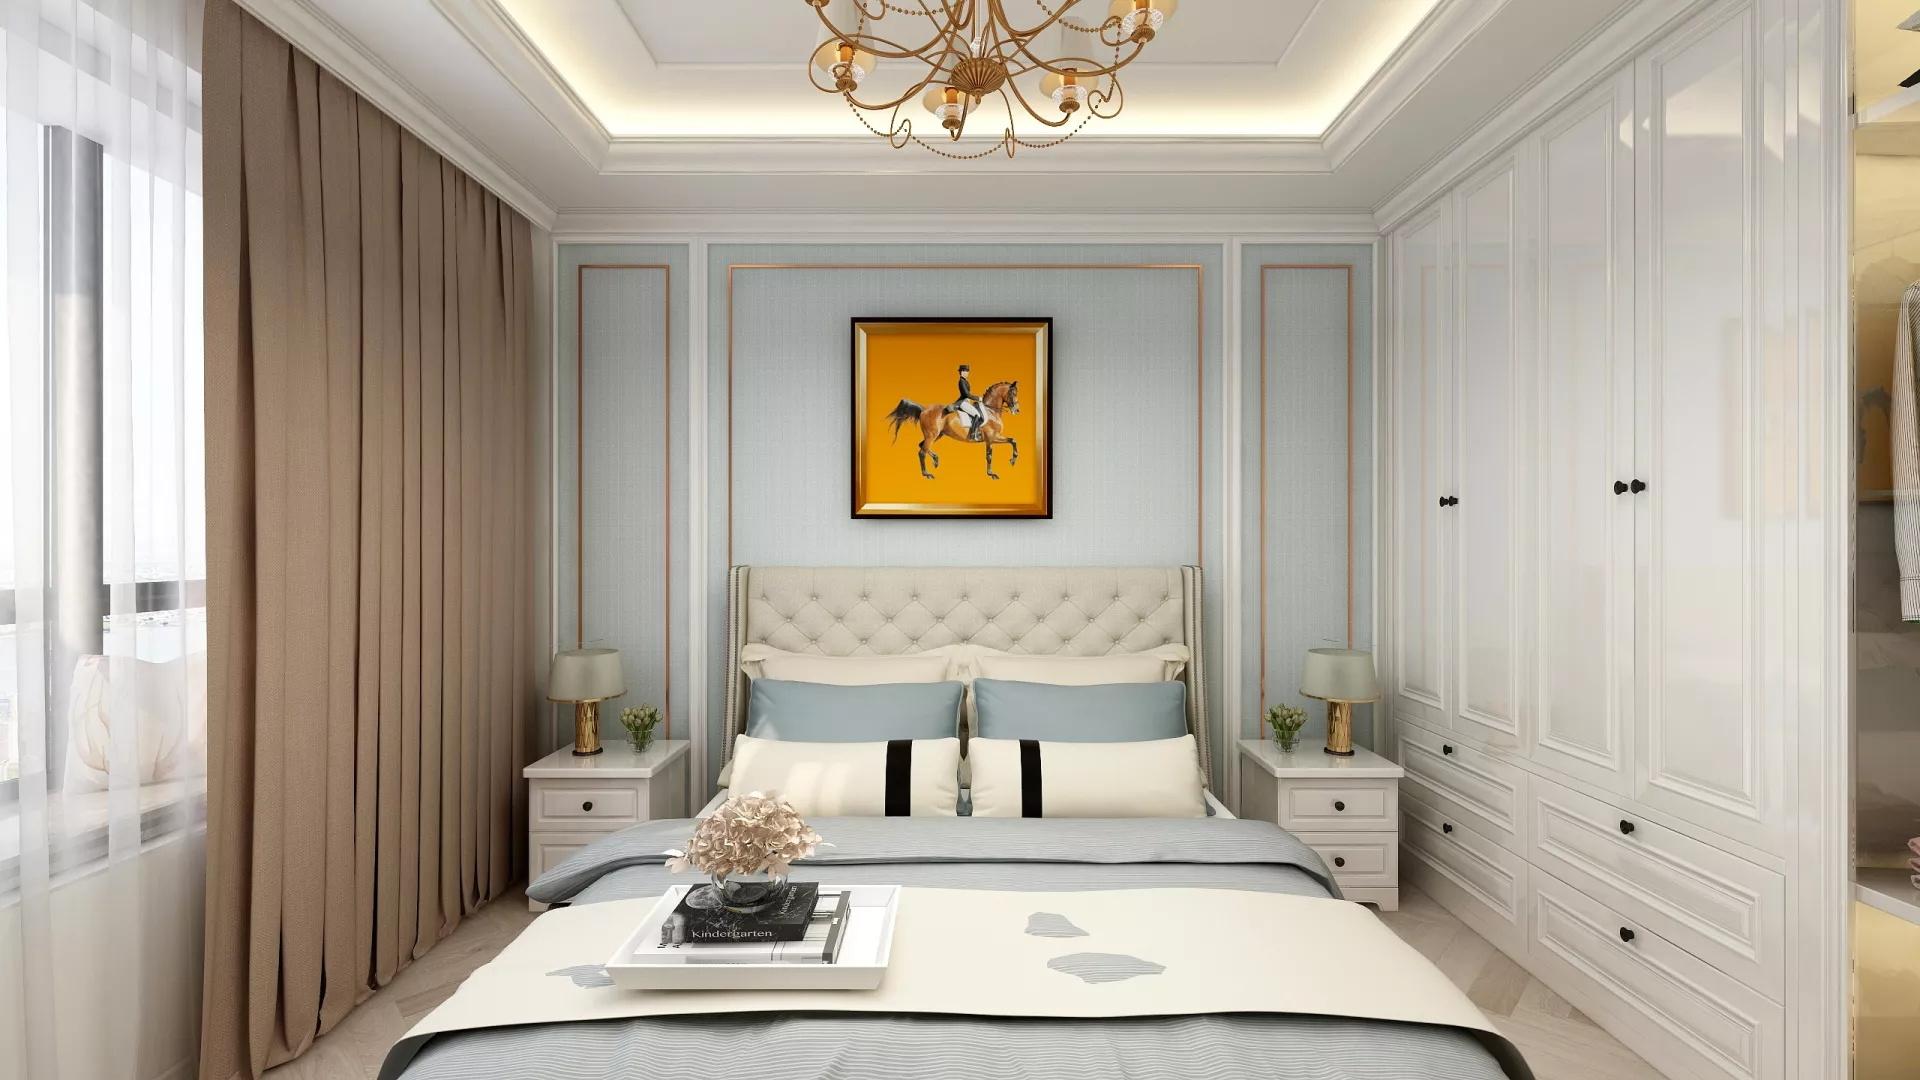 臥室飄窗窗簾怎么設計 有飄窗的臥室怎么安裝窗簾